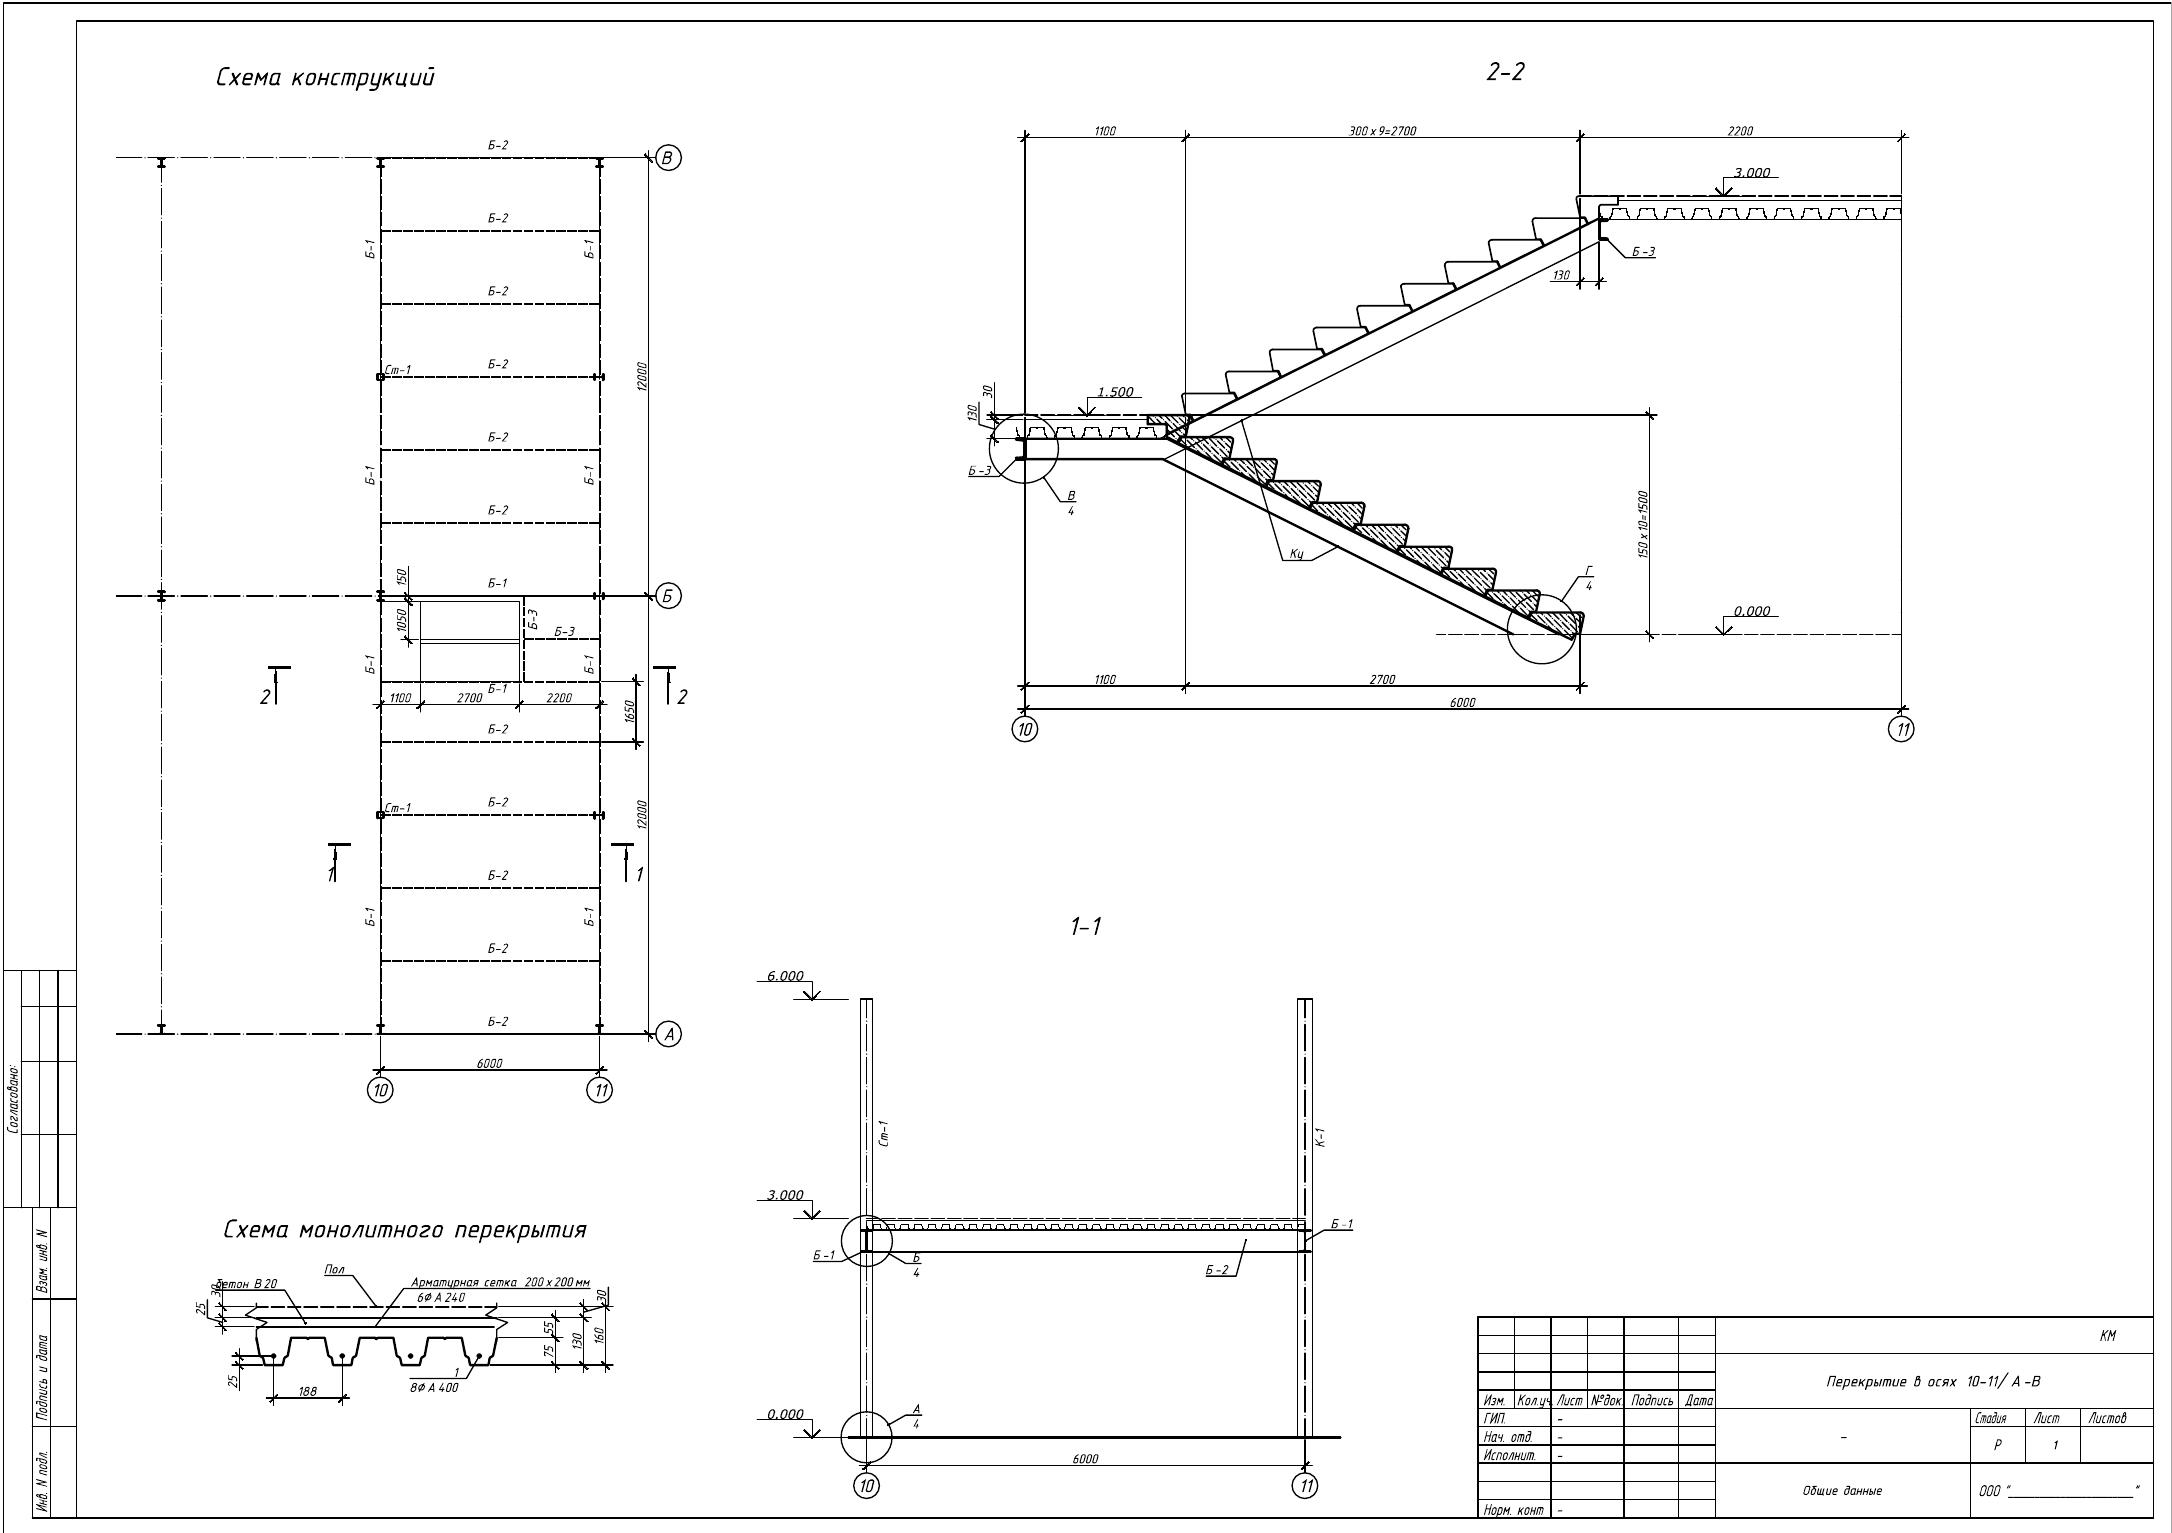 Схема конструкций